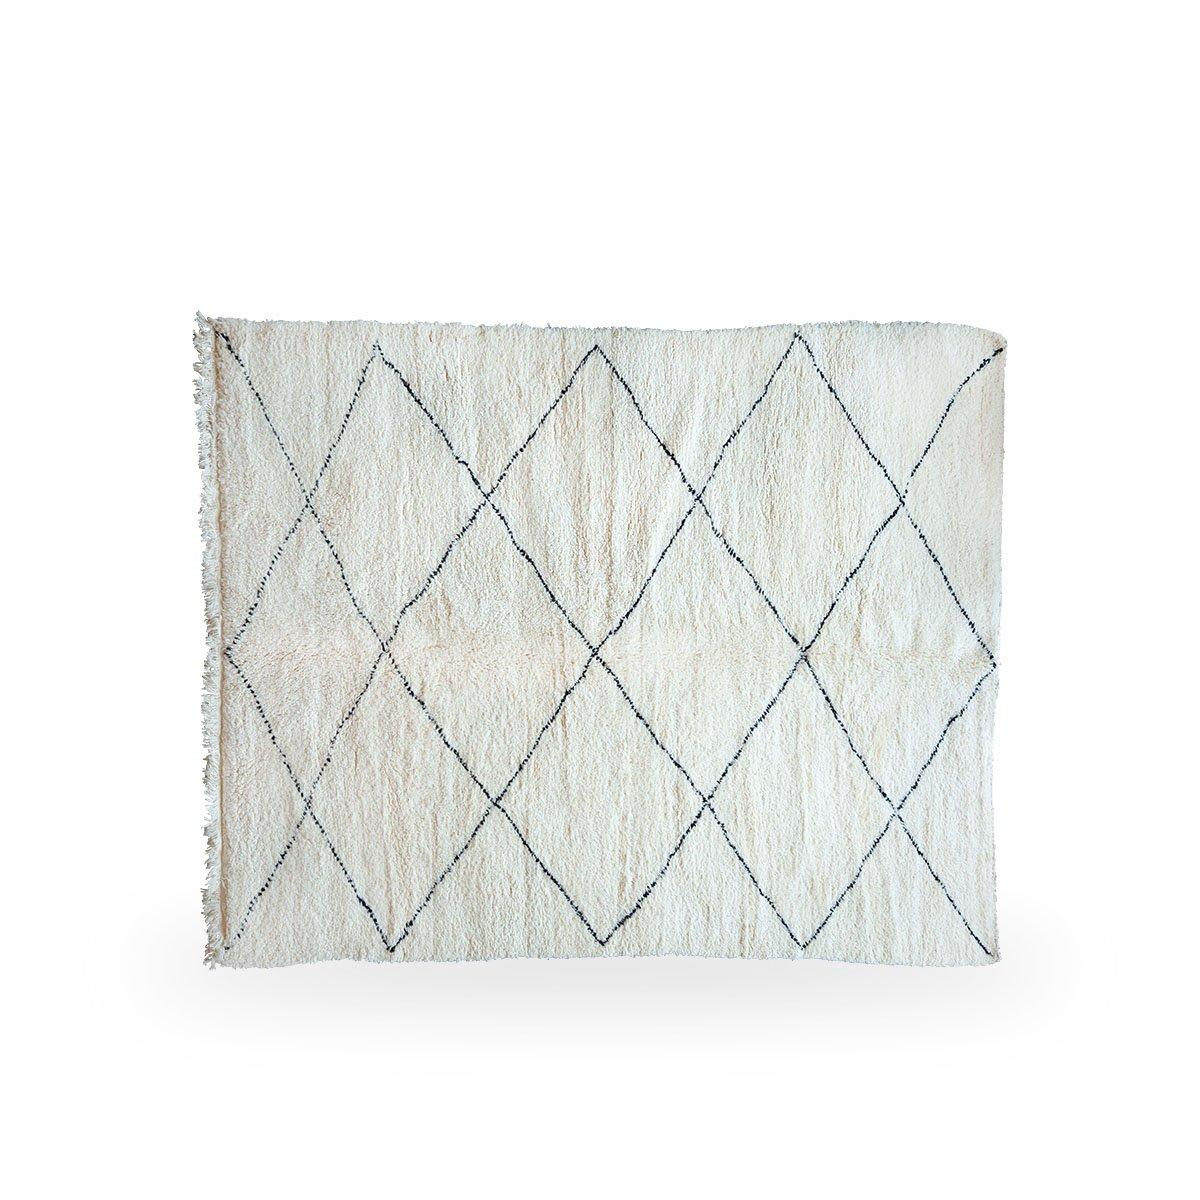 Sika Design Handwebteppich Moroccan 300x200 cm Weiß